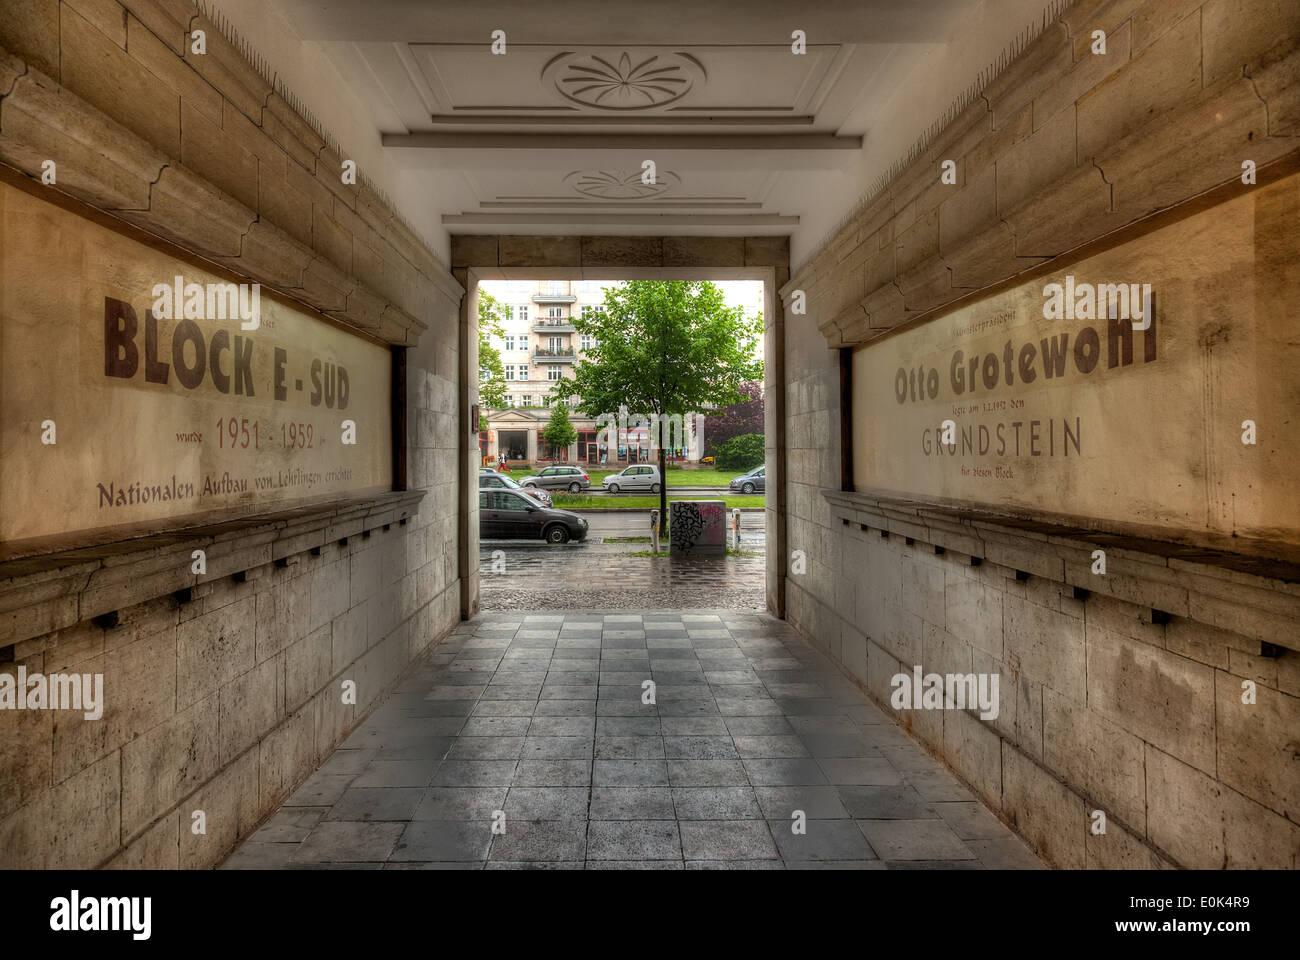 Mirando a través de los edificios de la época comunista durante la lluvia pesada en Karl-Marx-Allee en Berlín Oriental. Imagen De Stock